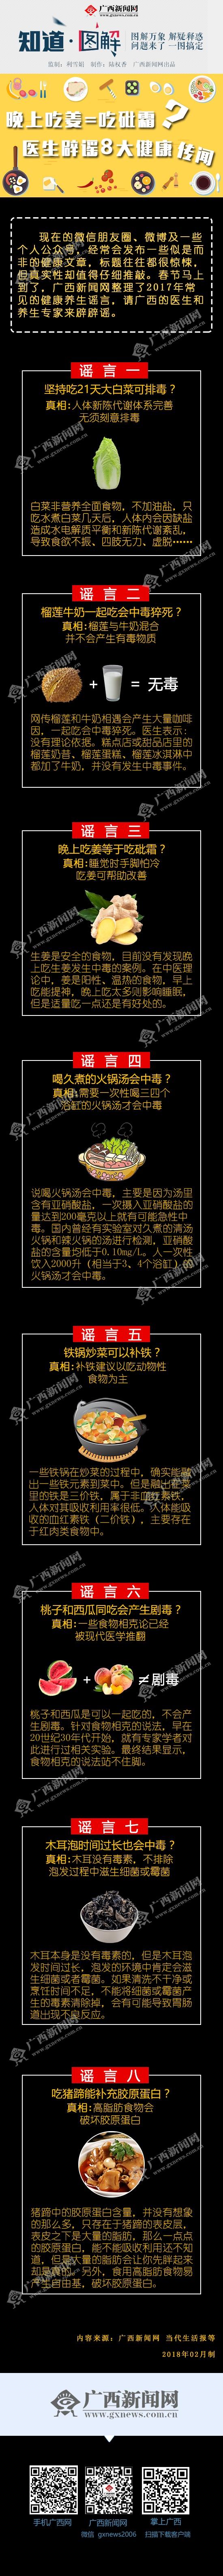 [图解]晚上吃姜等于吃砒霜?医生辟谣八大健康传闻